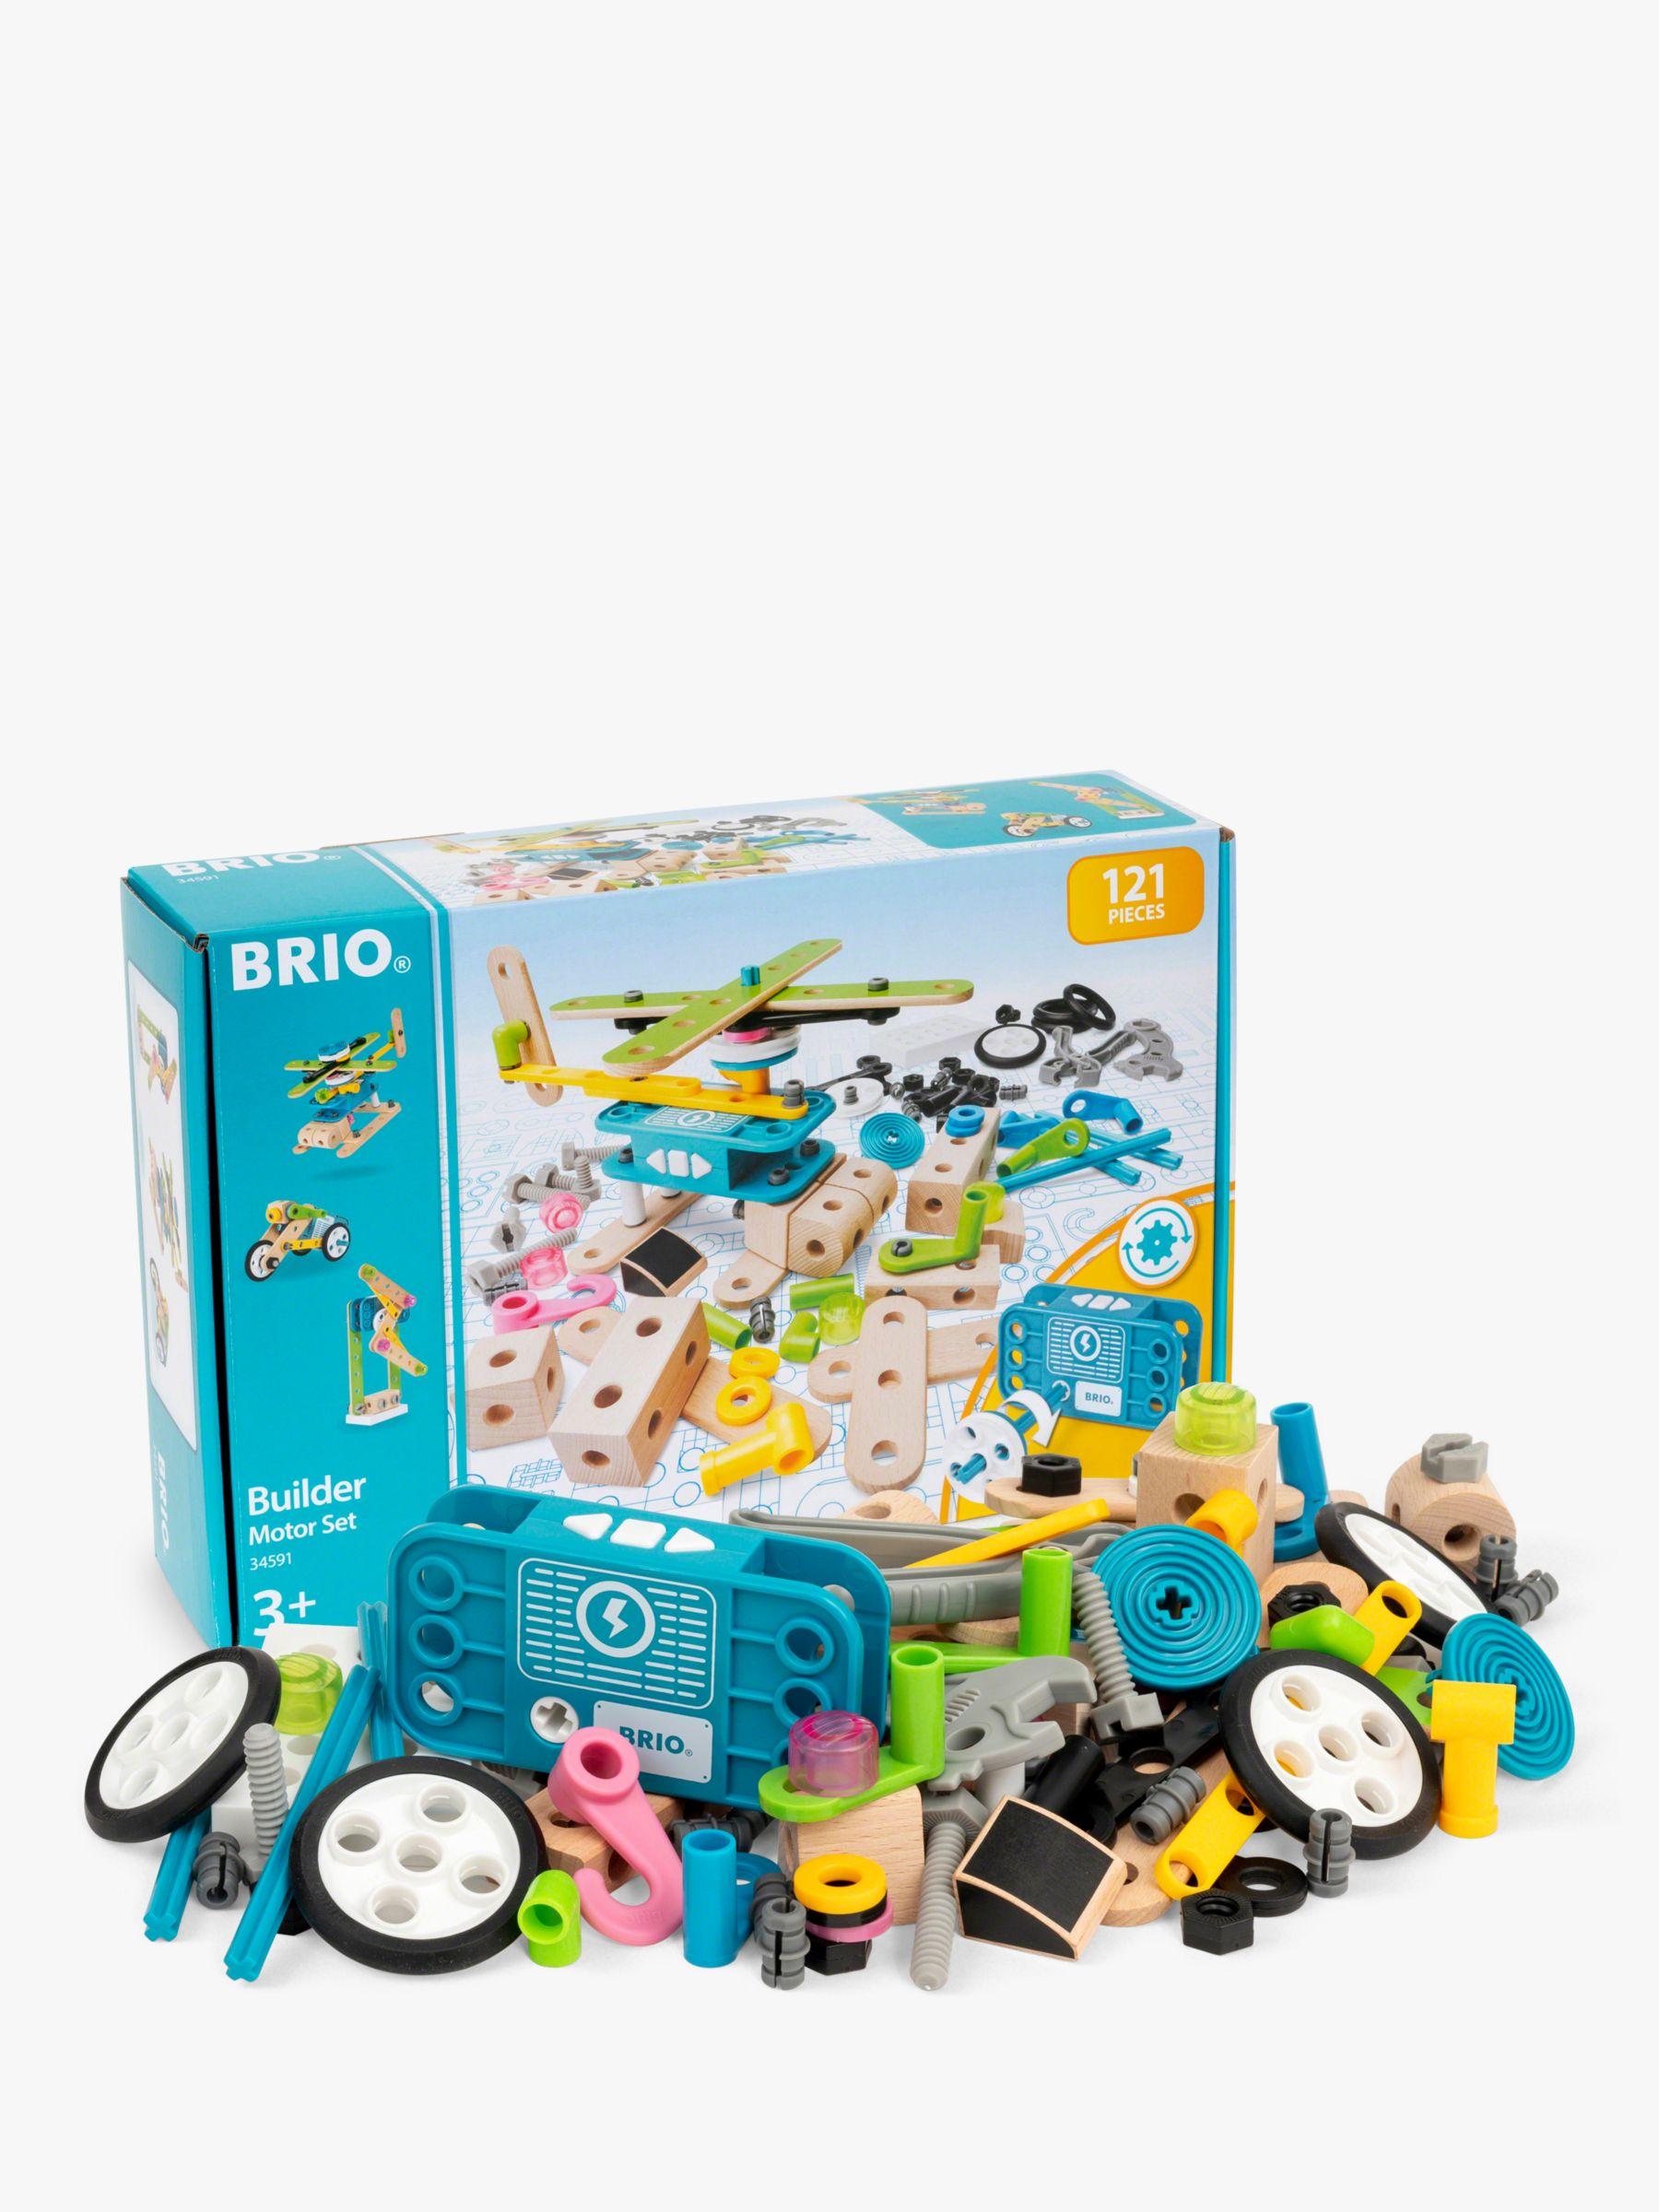 BRIO BRIO 34591 Builder Motor Set